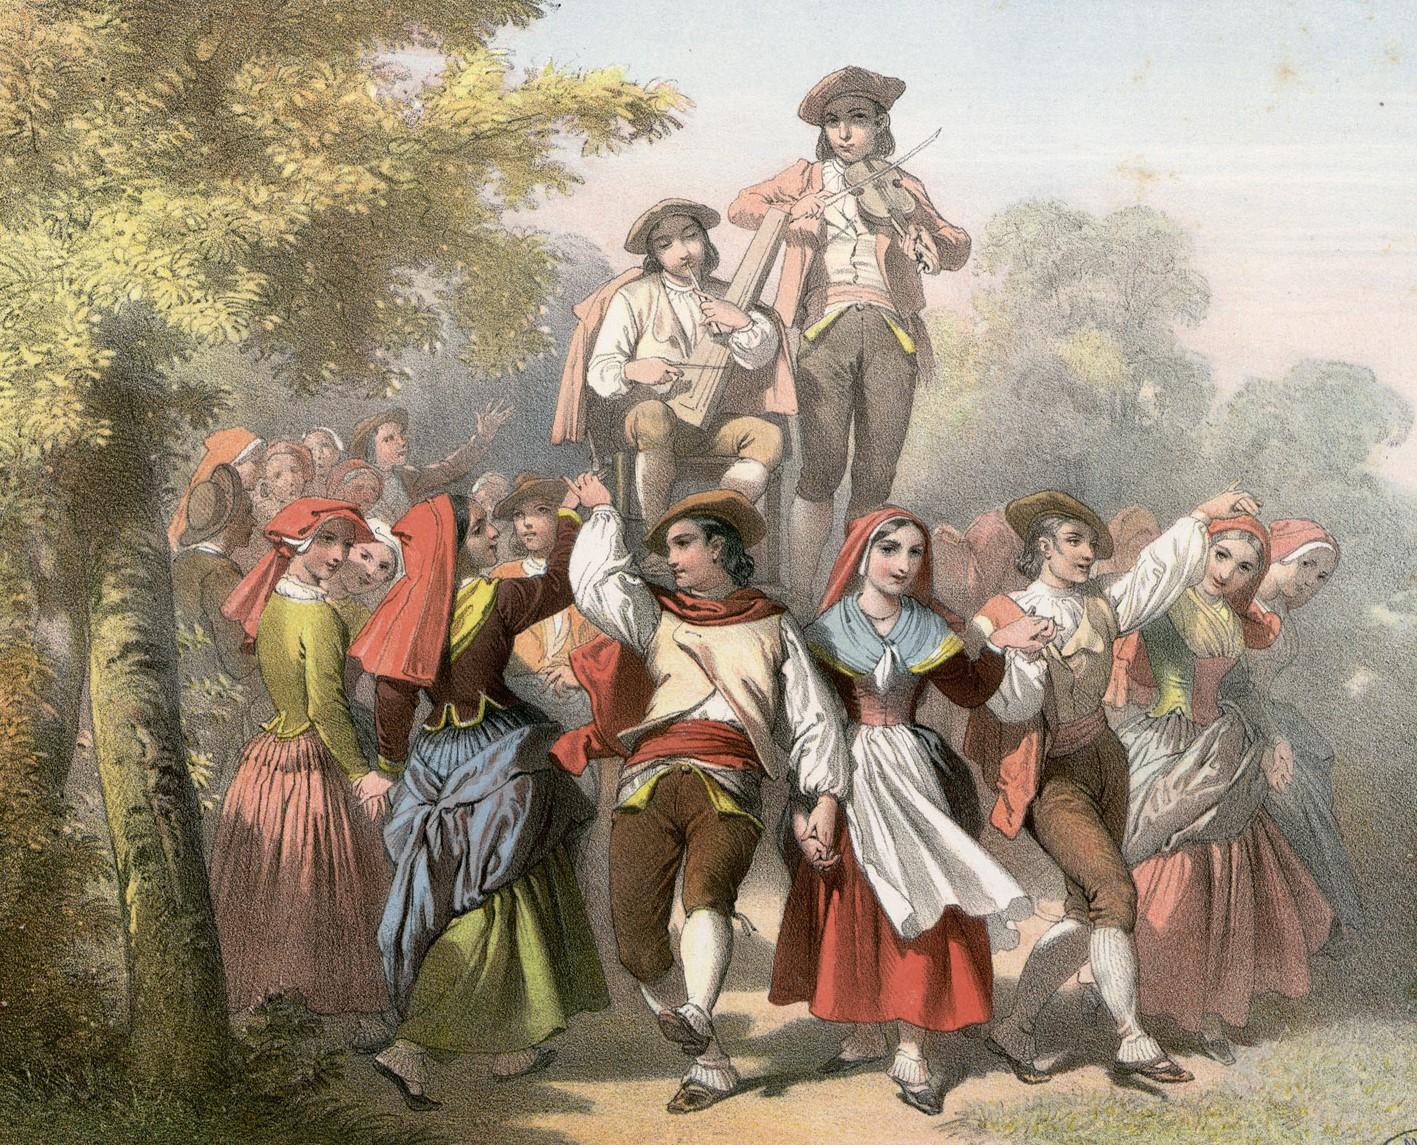 Jenis Tarian Yang Populer di Renaissance Prancis